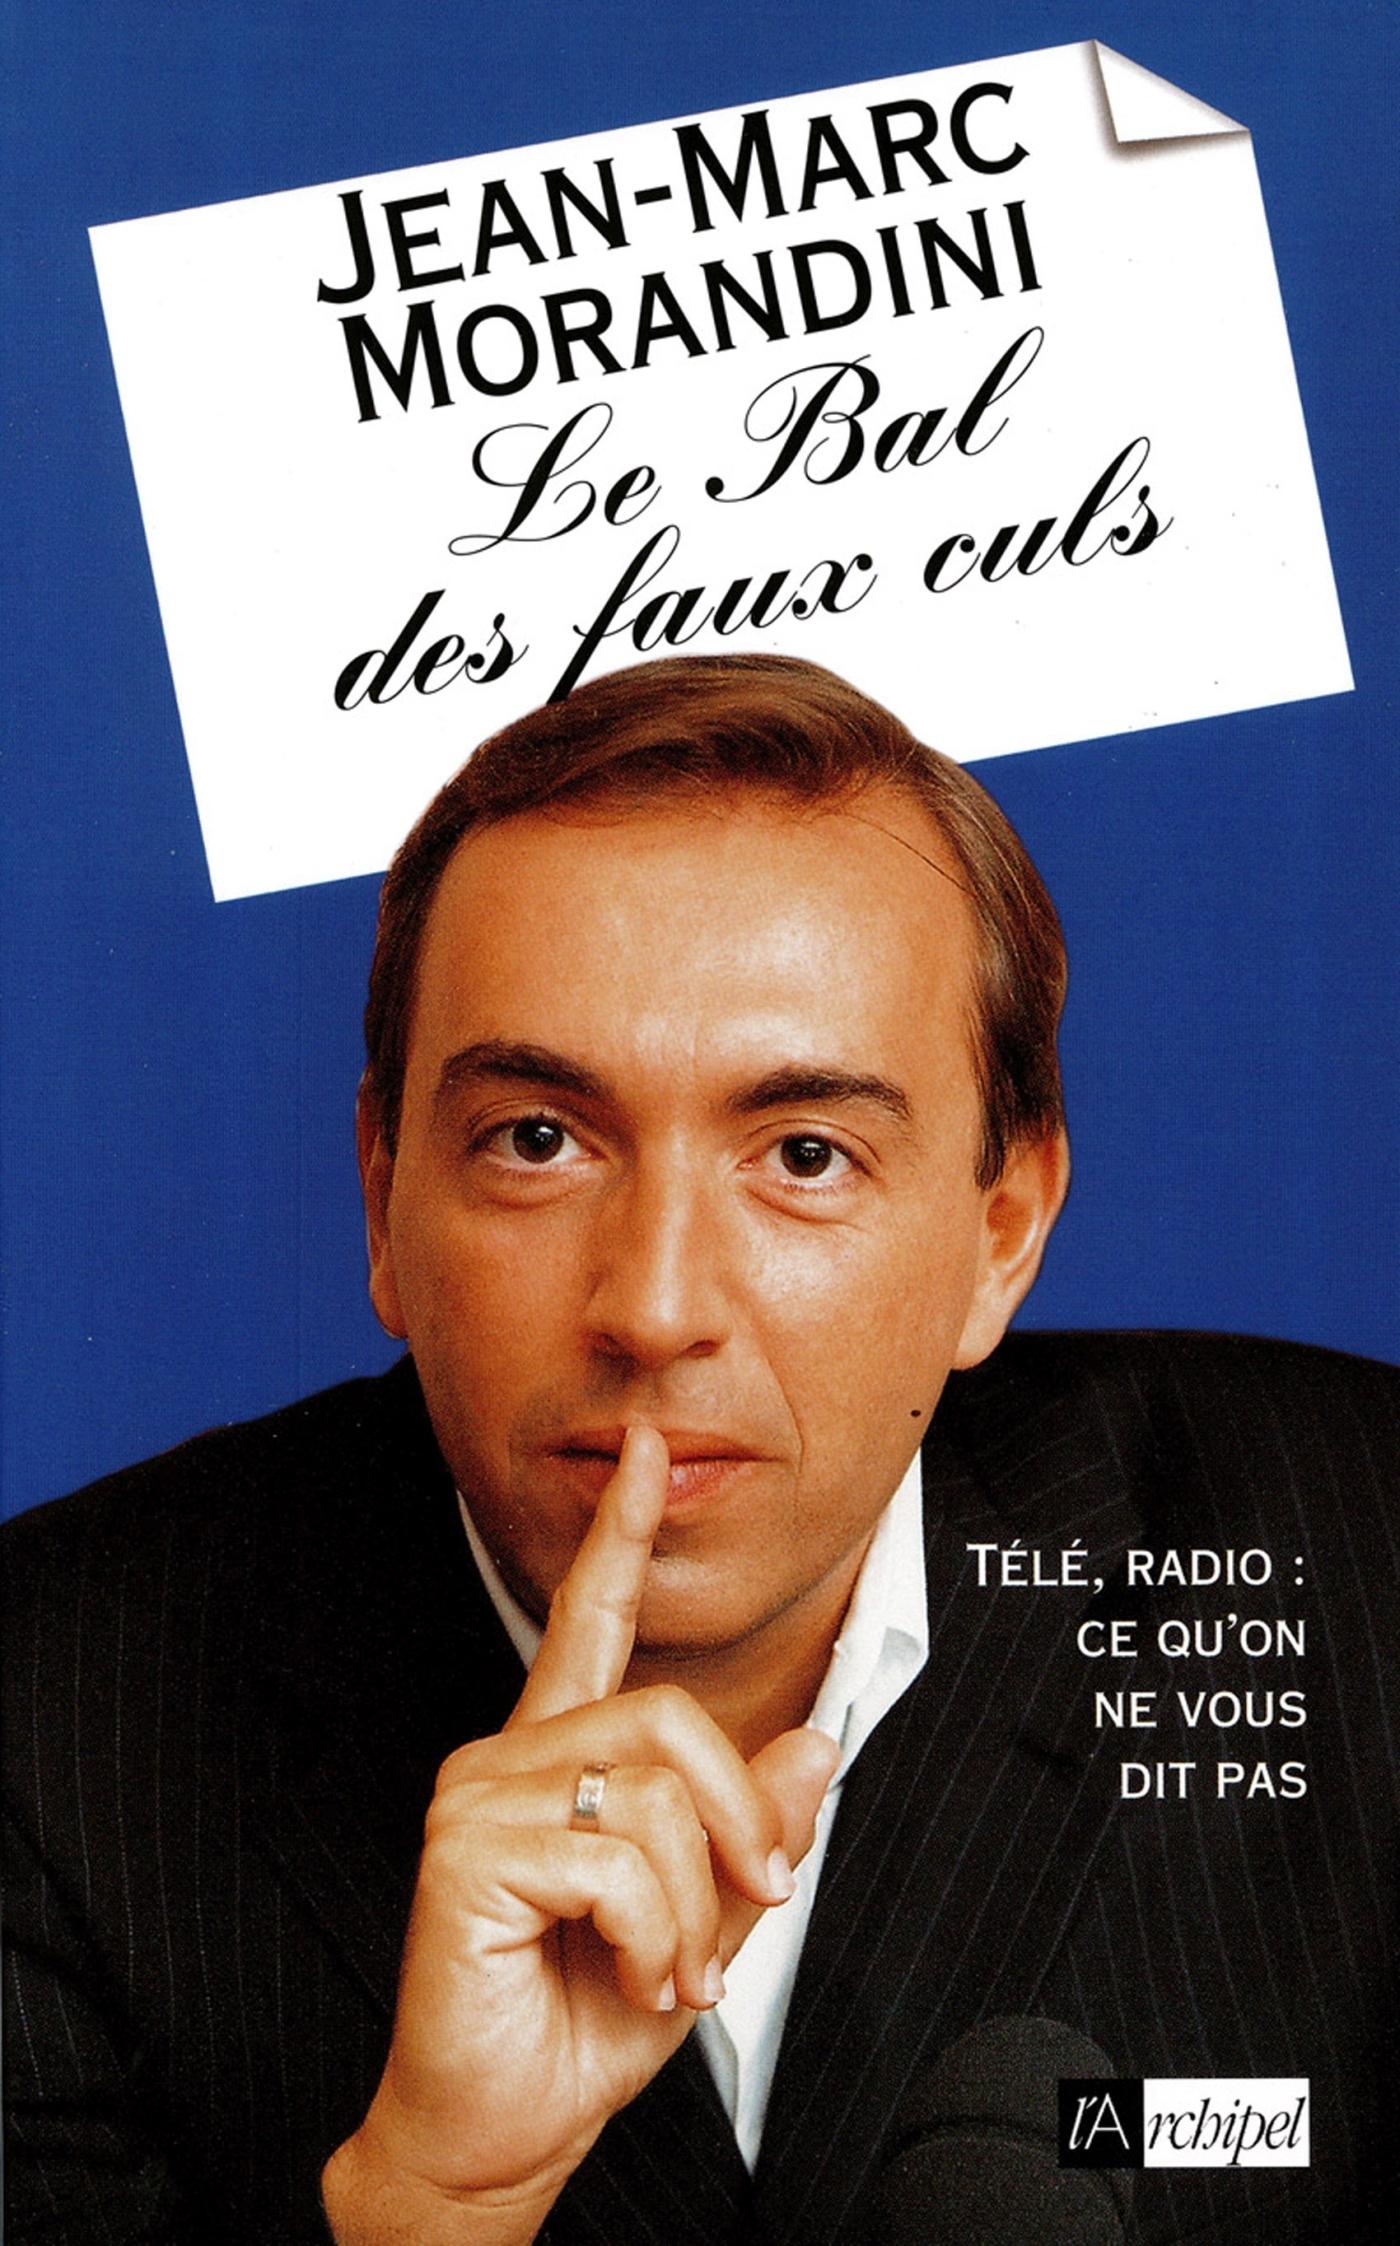 LE BAL DES FAUX-CULS